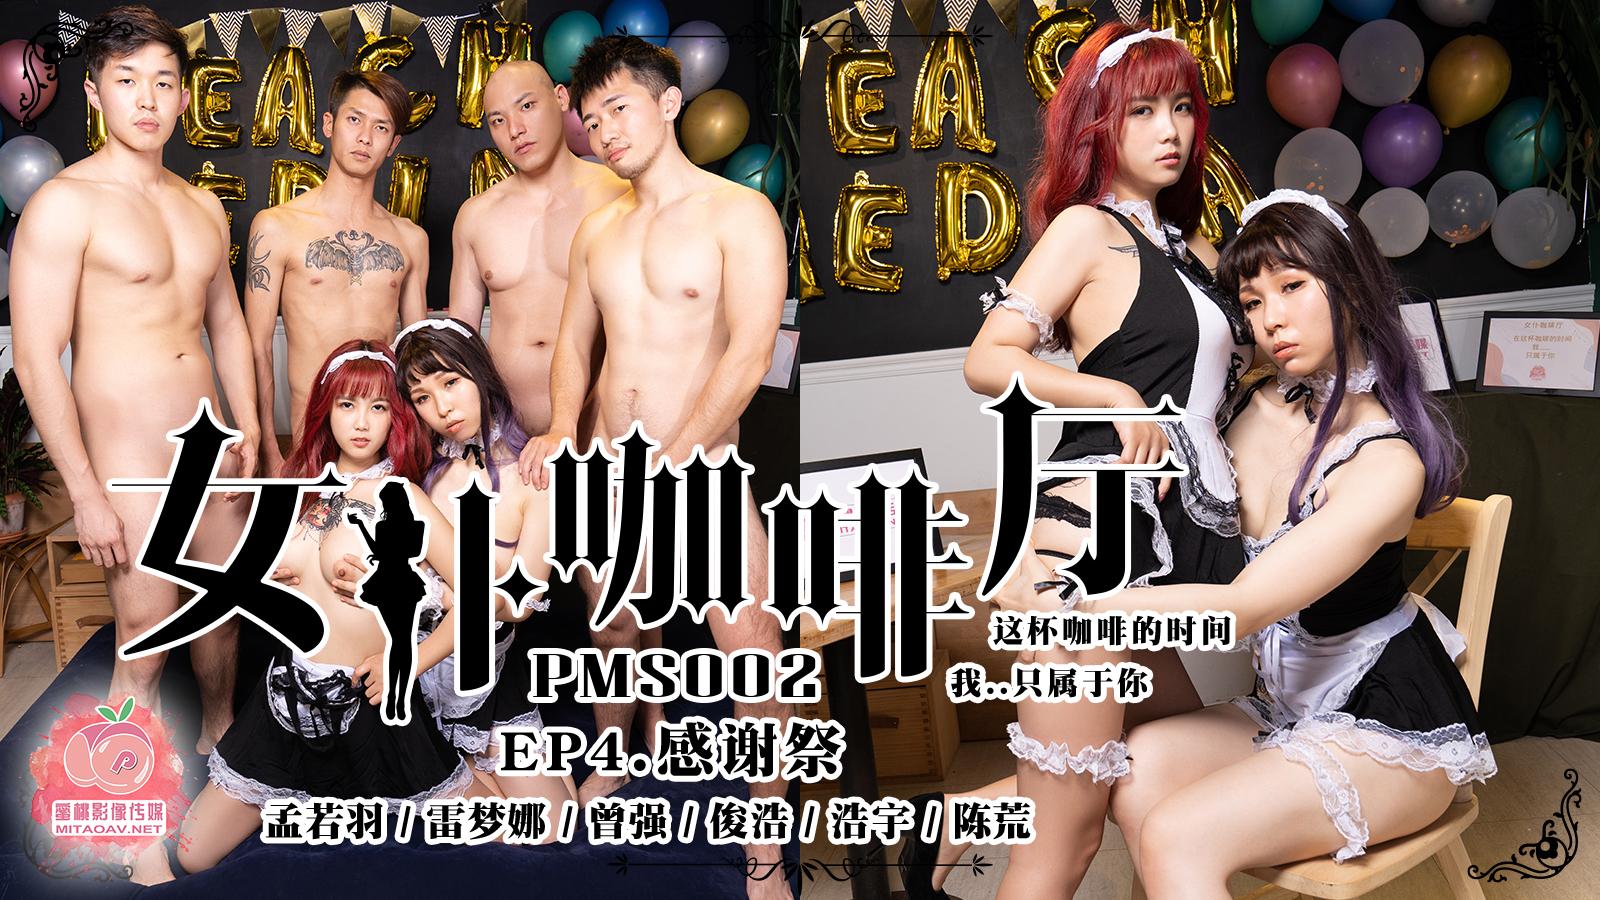 蜜桃传媒PMS002女仆咖啡厅EP4-感谢祭